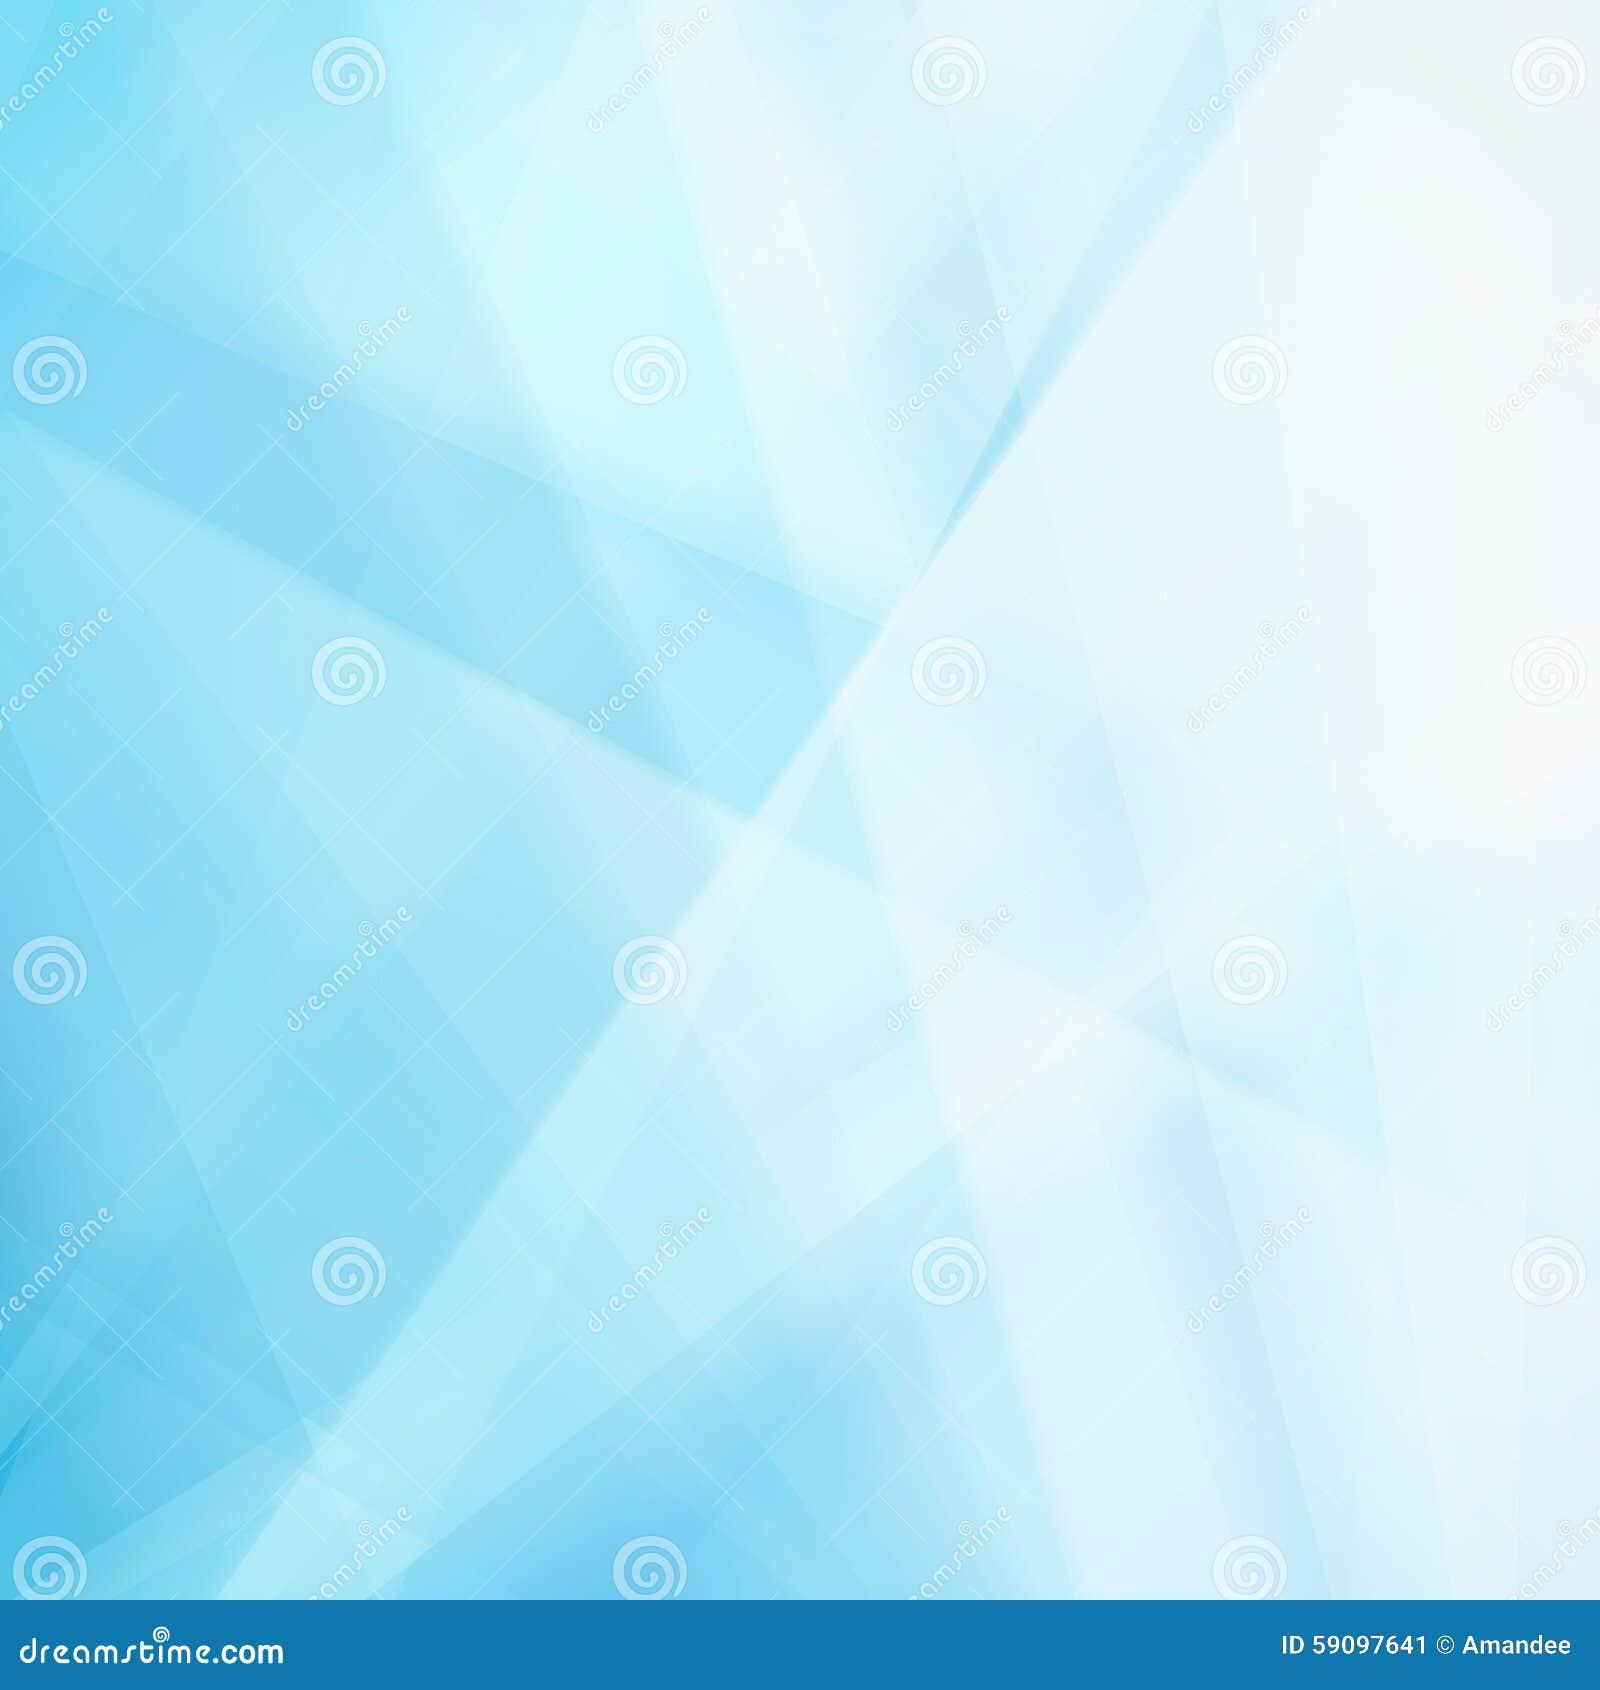 Abstracte blauwe achtergrond met wit driehoeksvormen en onduidelijk beeld